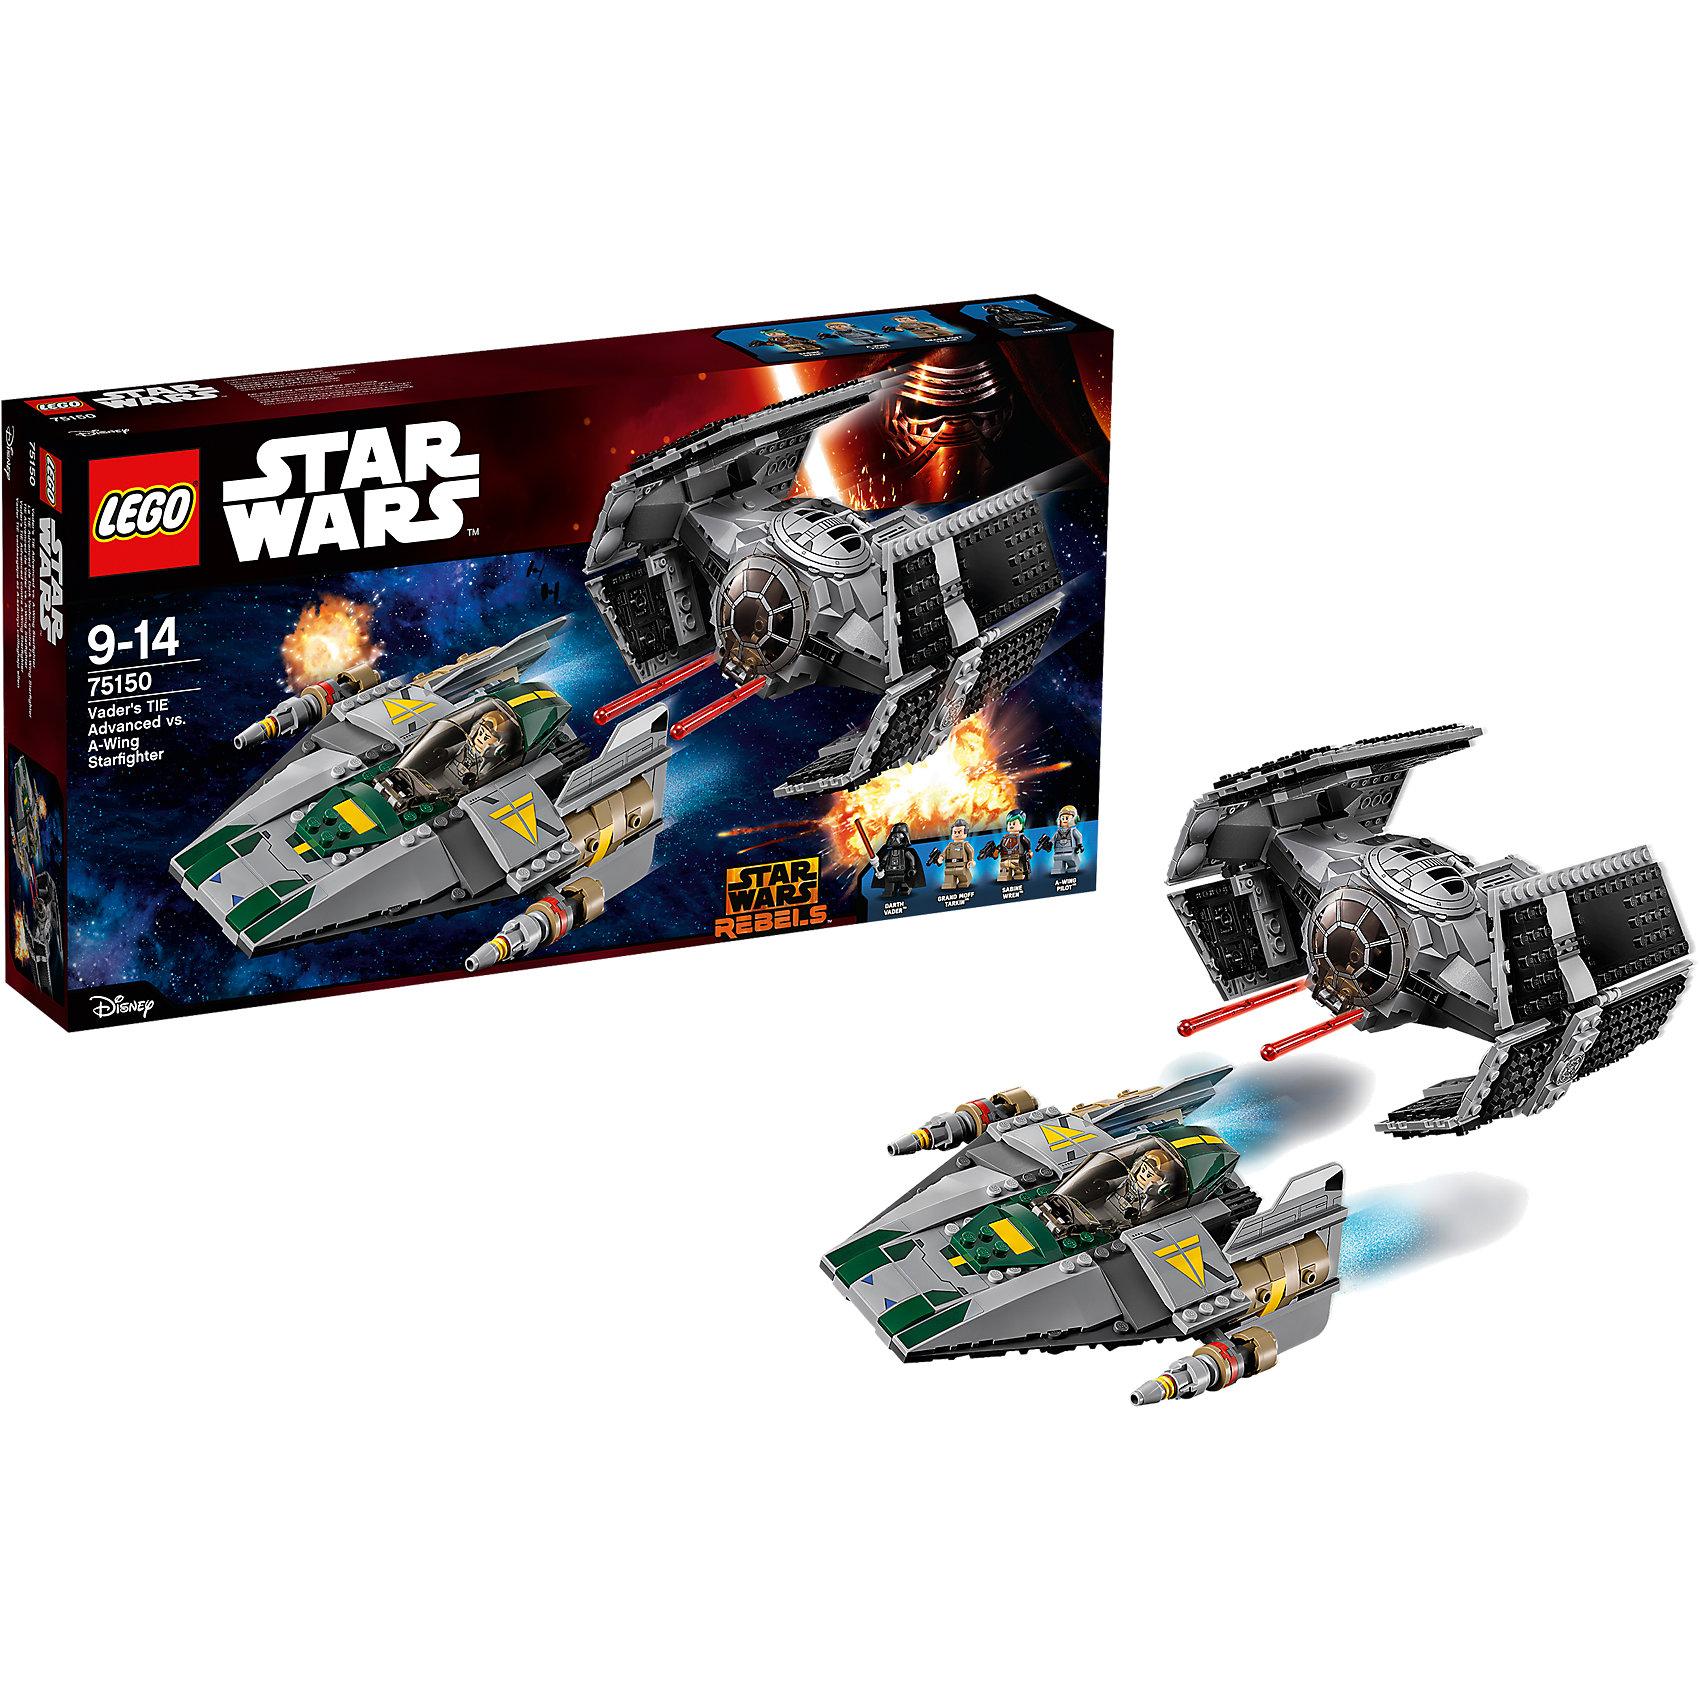 LEGO Star Wars 75150: Усовершенствованный истребитель СИД Дарта Вейдера против Звёздного Истребителя A-WingПластмассовые конструкторы<br>Какой ребенок не интересуют темой космоса?! Фильм Звездные войны и его героев любят множество современных мальчишек, поэтому набор Лего Star Wars, из которого можно собрать интересный сюжет по этому фильму, обязательно порадует ребенка. Такие игрушки помогают детям развивать воображение, мелкую моторику, логику и творческое мышление.<br>Набор состоит из множества деталей конструктора - с их помощью можно собрать декорации для игр, транспорт, а также в нем есть фигурки любимых персонажей! С таким комплектом можно придумать множество игр!<br><br>Дополнительная информация:<br><br>цвет: разноцветный;<br>размер коробки: 60 x 35 x 6 см;<br>вес: 1000 г;<br>материал: пластик;<br>количество деталей: 702.<br><br>Набор Усовершенствованный истребитель СИД Дарта Вейдера против Звёздного Истребителя A-Wing от бренда LEGO Star Wars можно купить в нашем магазине.<br><br>Ширина мм: 540<br>Глубина мм: 279<br>Высота мм: 83<br>Вес г: 1078<br>Возраст от месяцев: 108<br>Возраст до месяцев: 168<br>Пол: Мужской<br>Возраст: Детский<br>SKU: 4641252